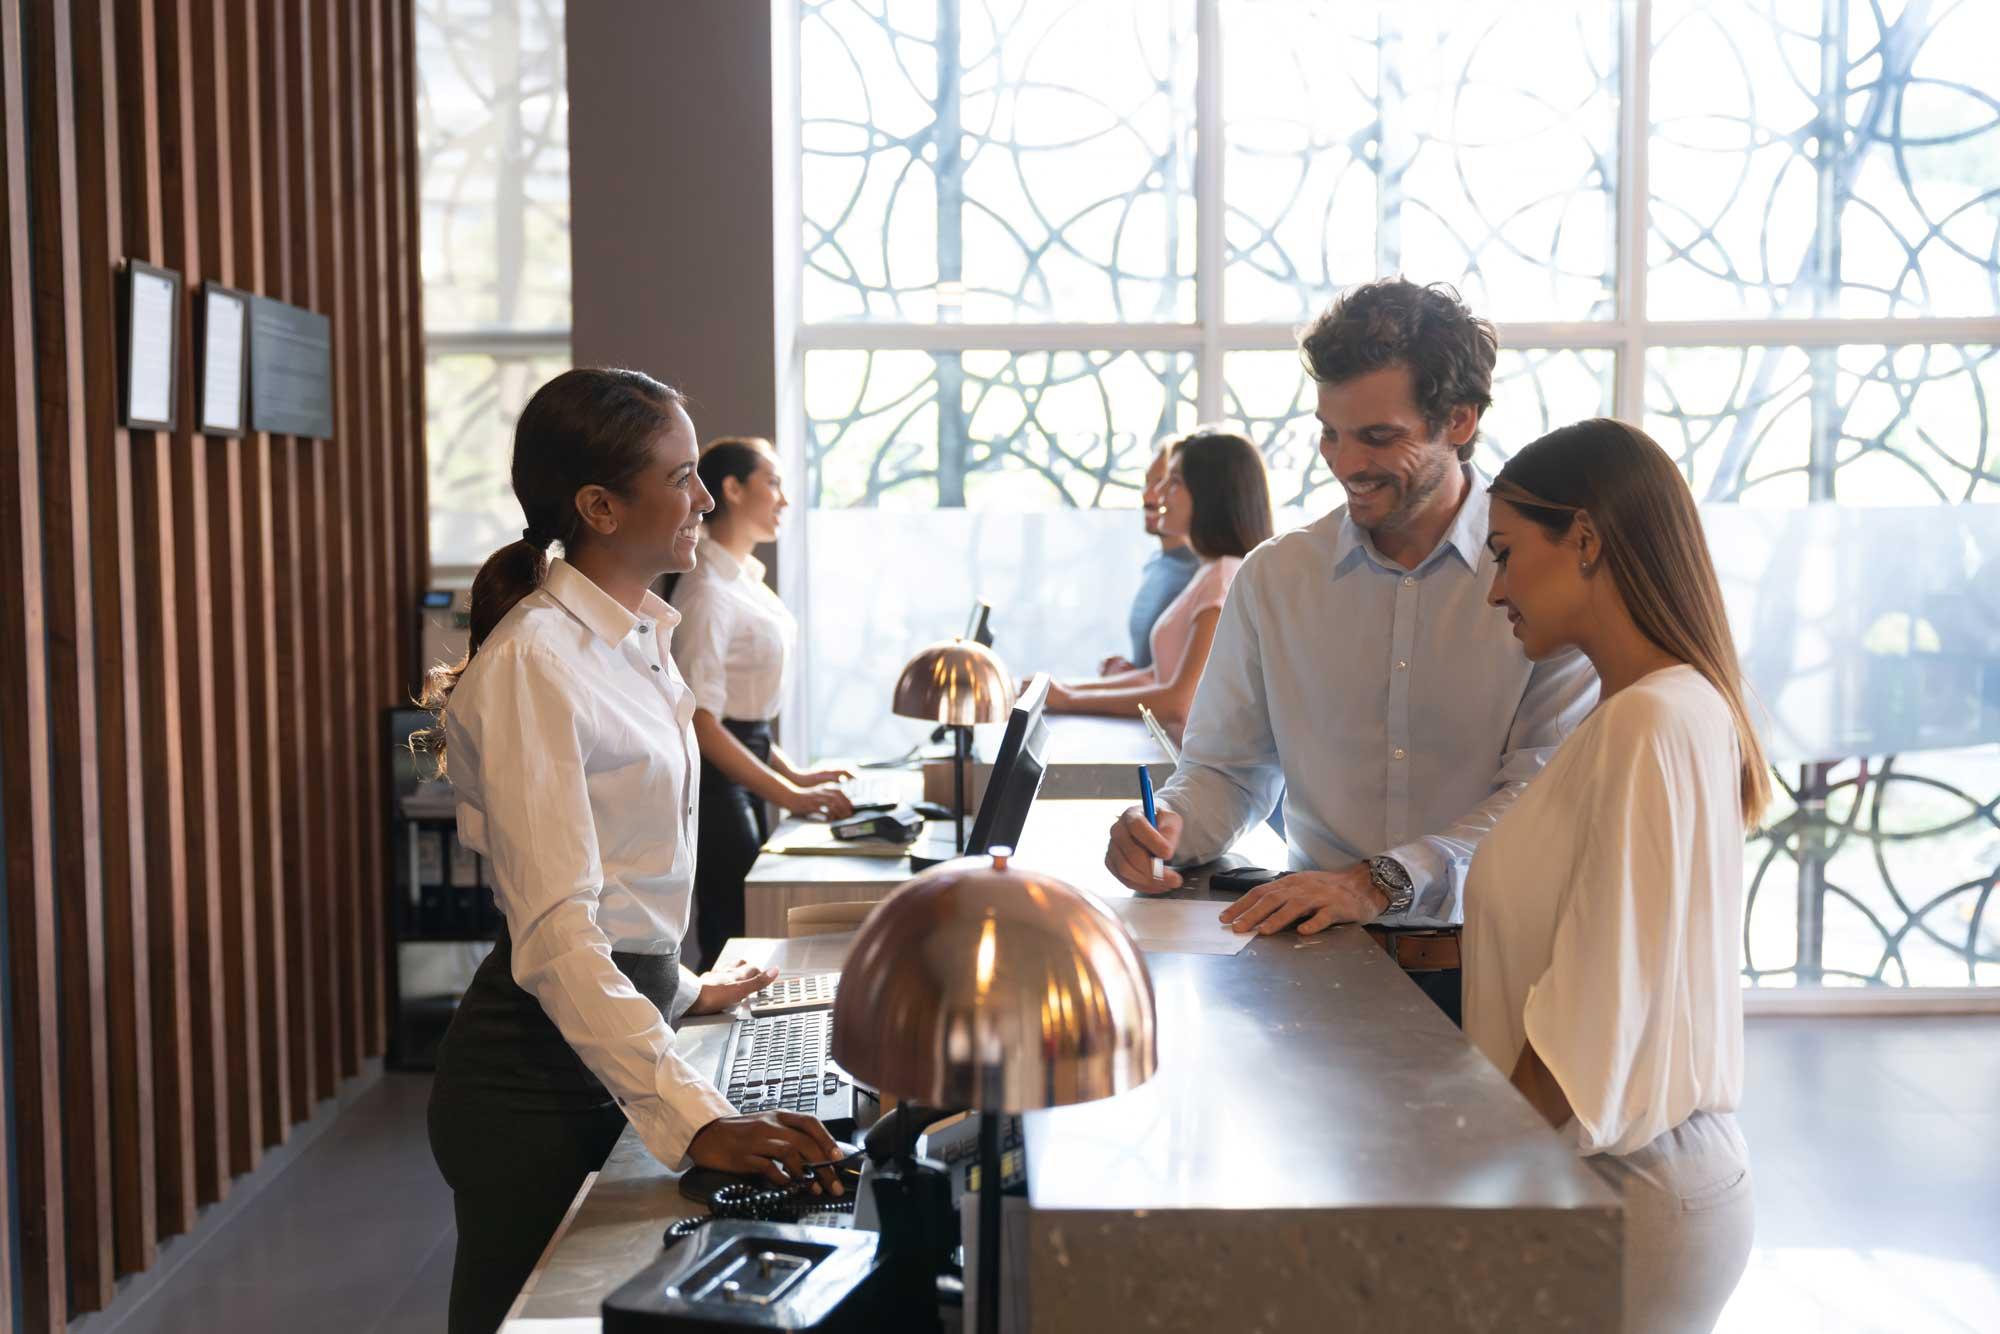 Adoria - Les bonnes pratiques pour adapter l'accueil en restauration commerciale